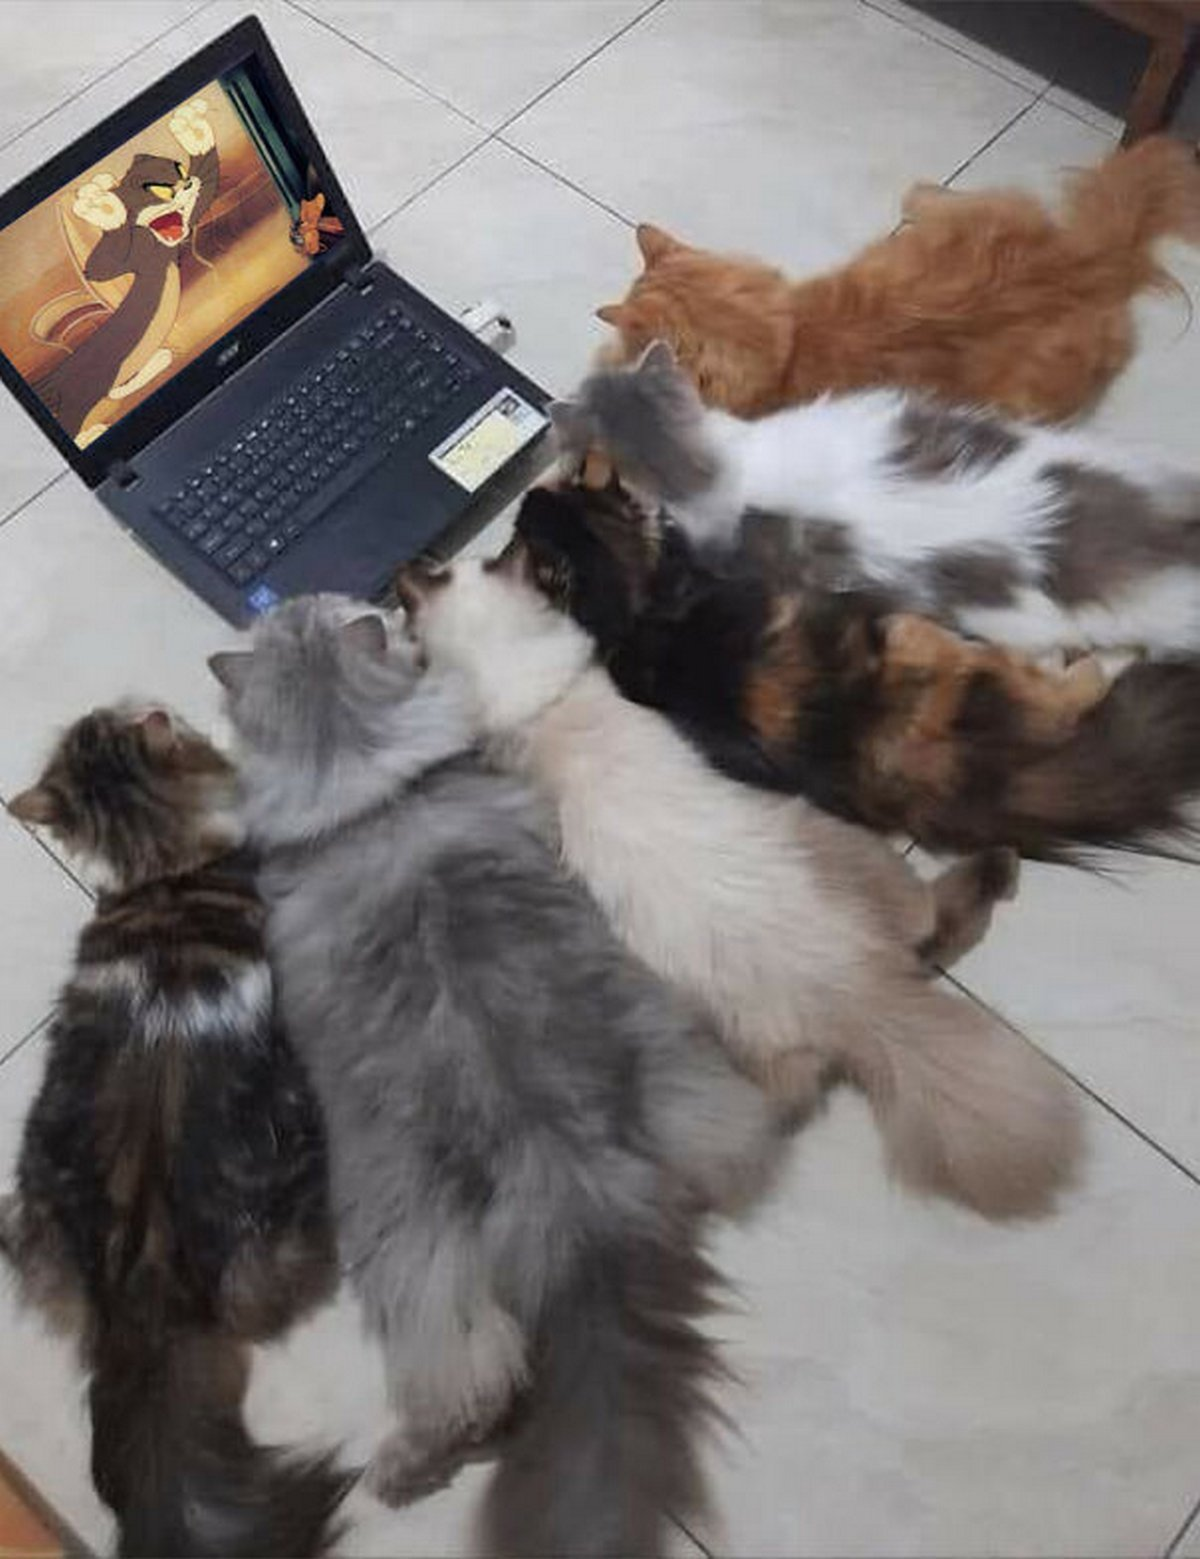 Cette page Facebook se consacre aux photos d'animaux qui doivent absolument être vues